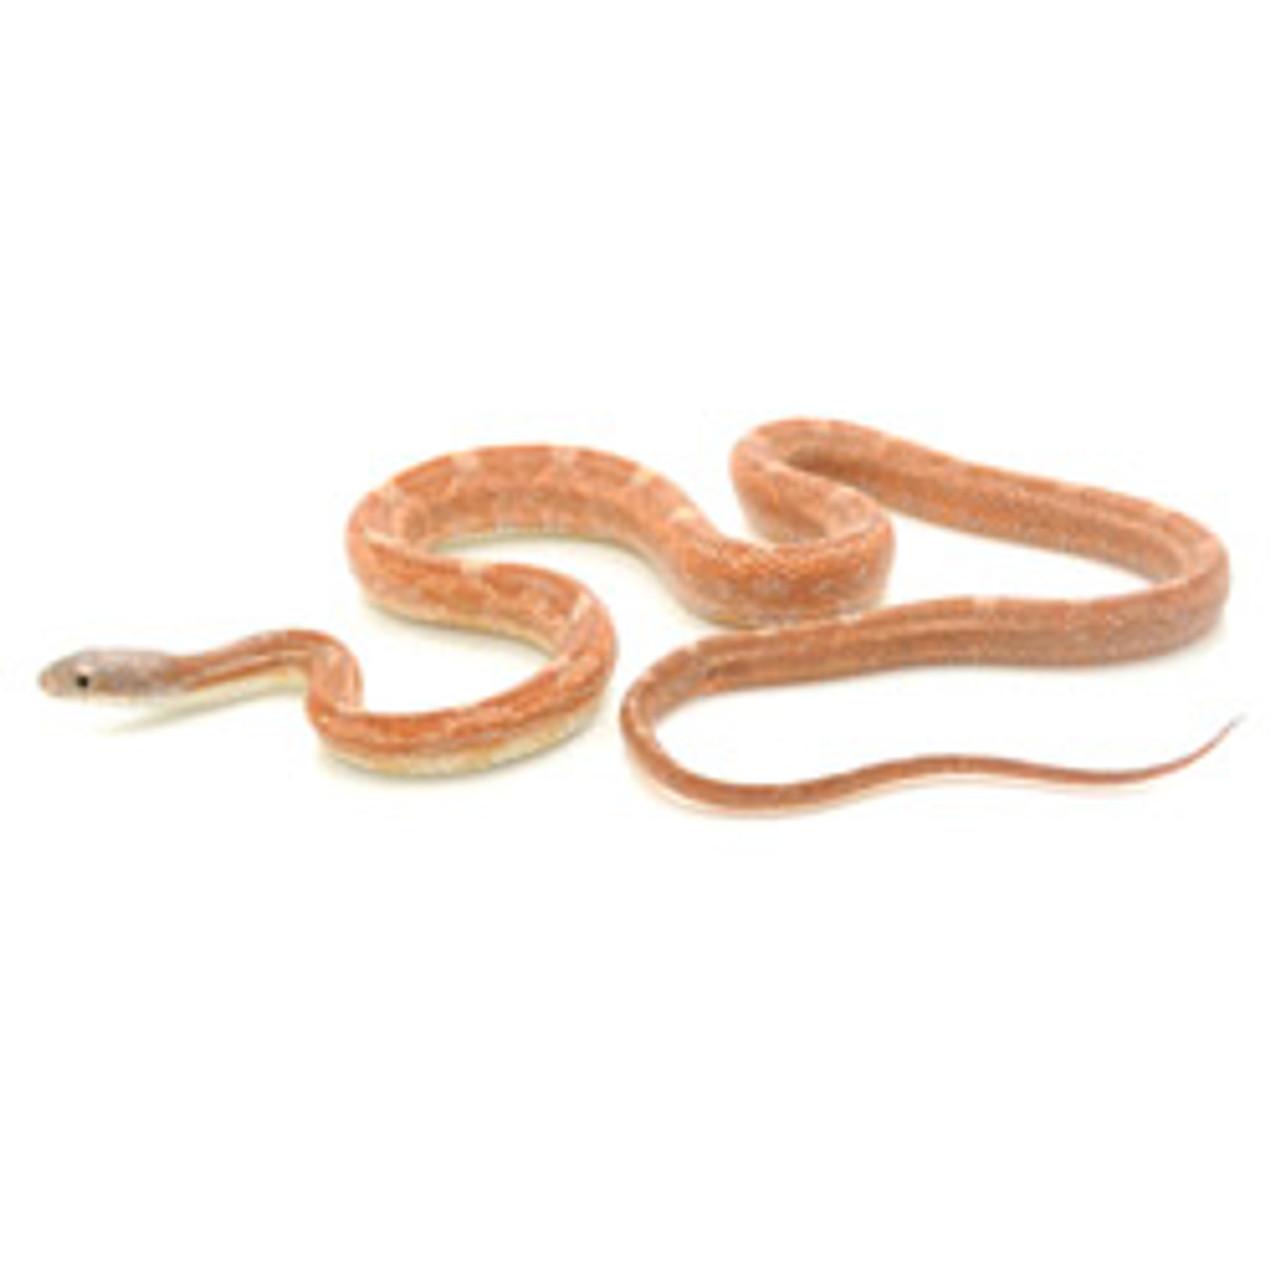 Rusty Rat Snake (Pantherophis obsoletus)